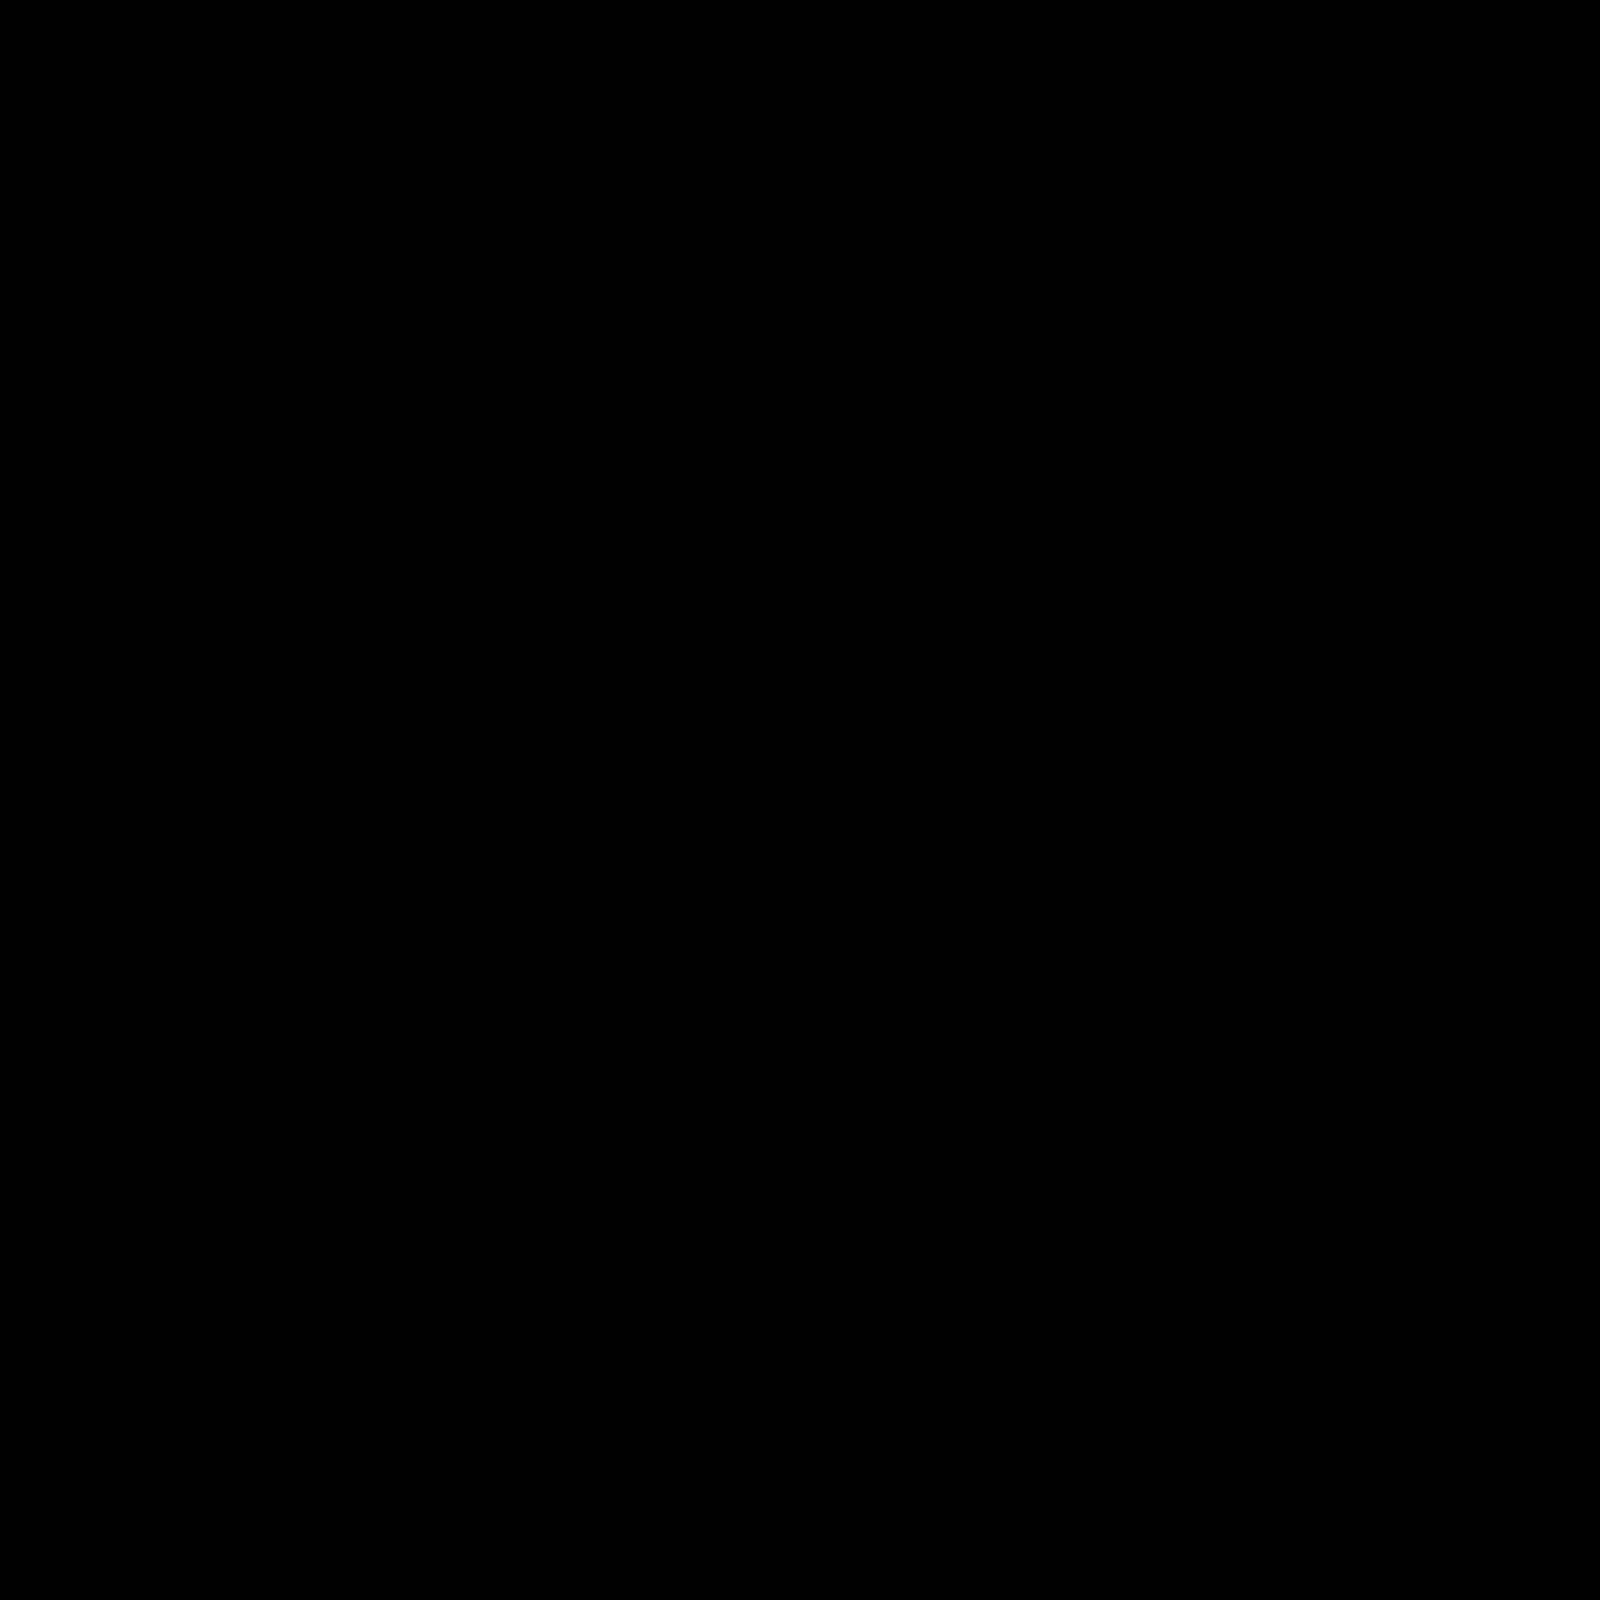 Długa Strzałka w prawo icon